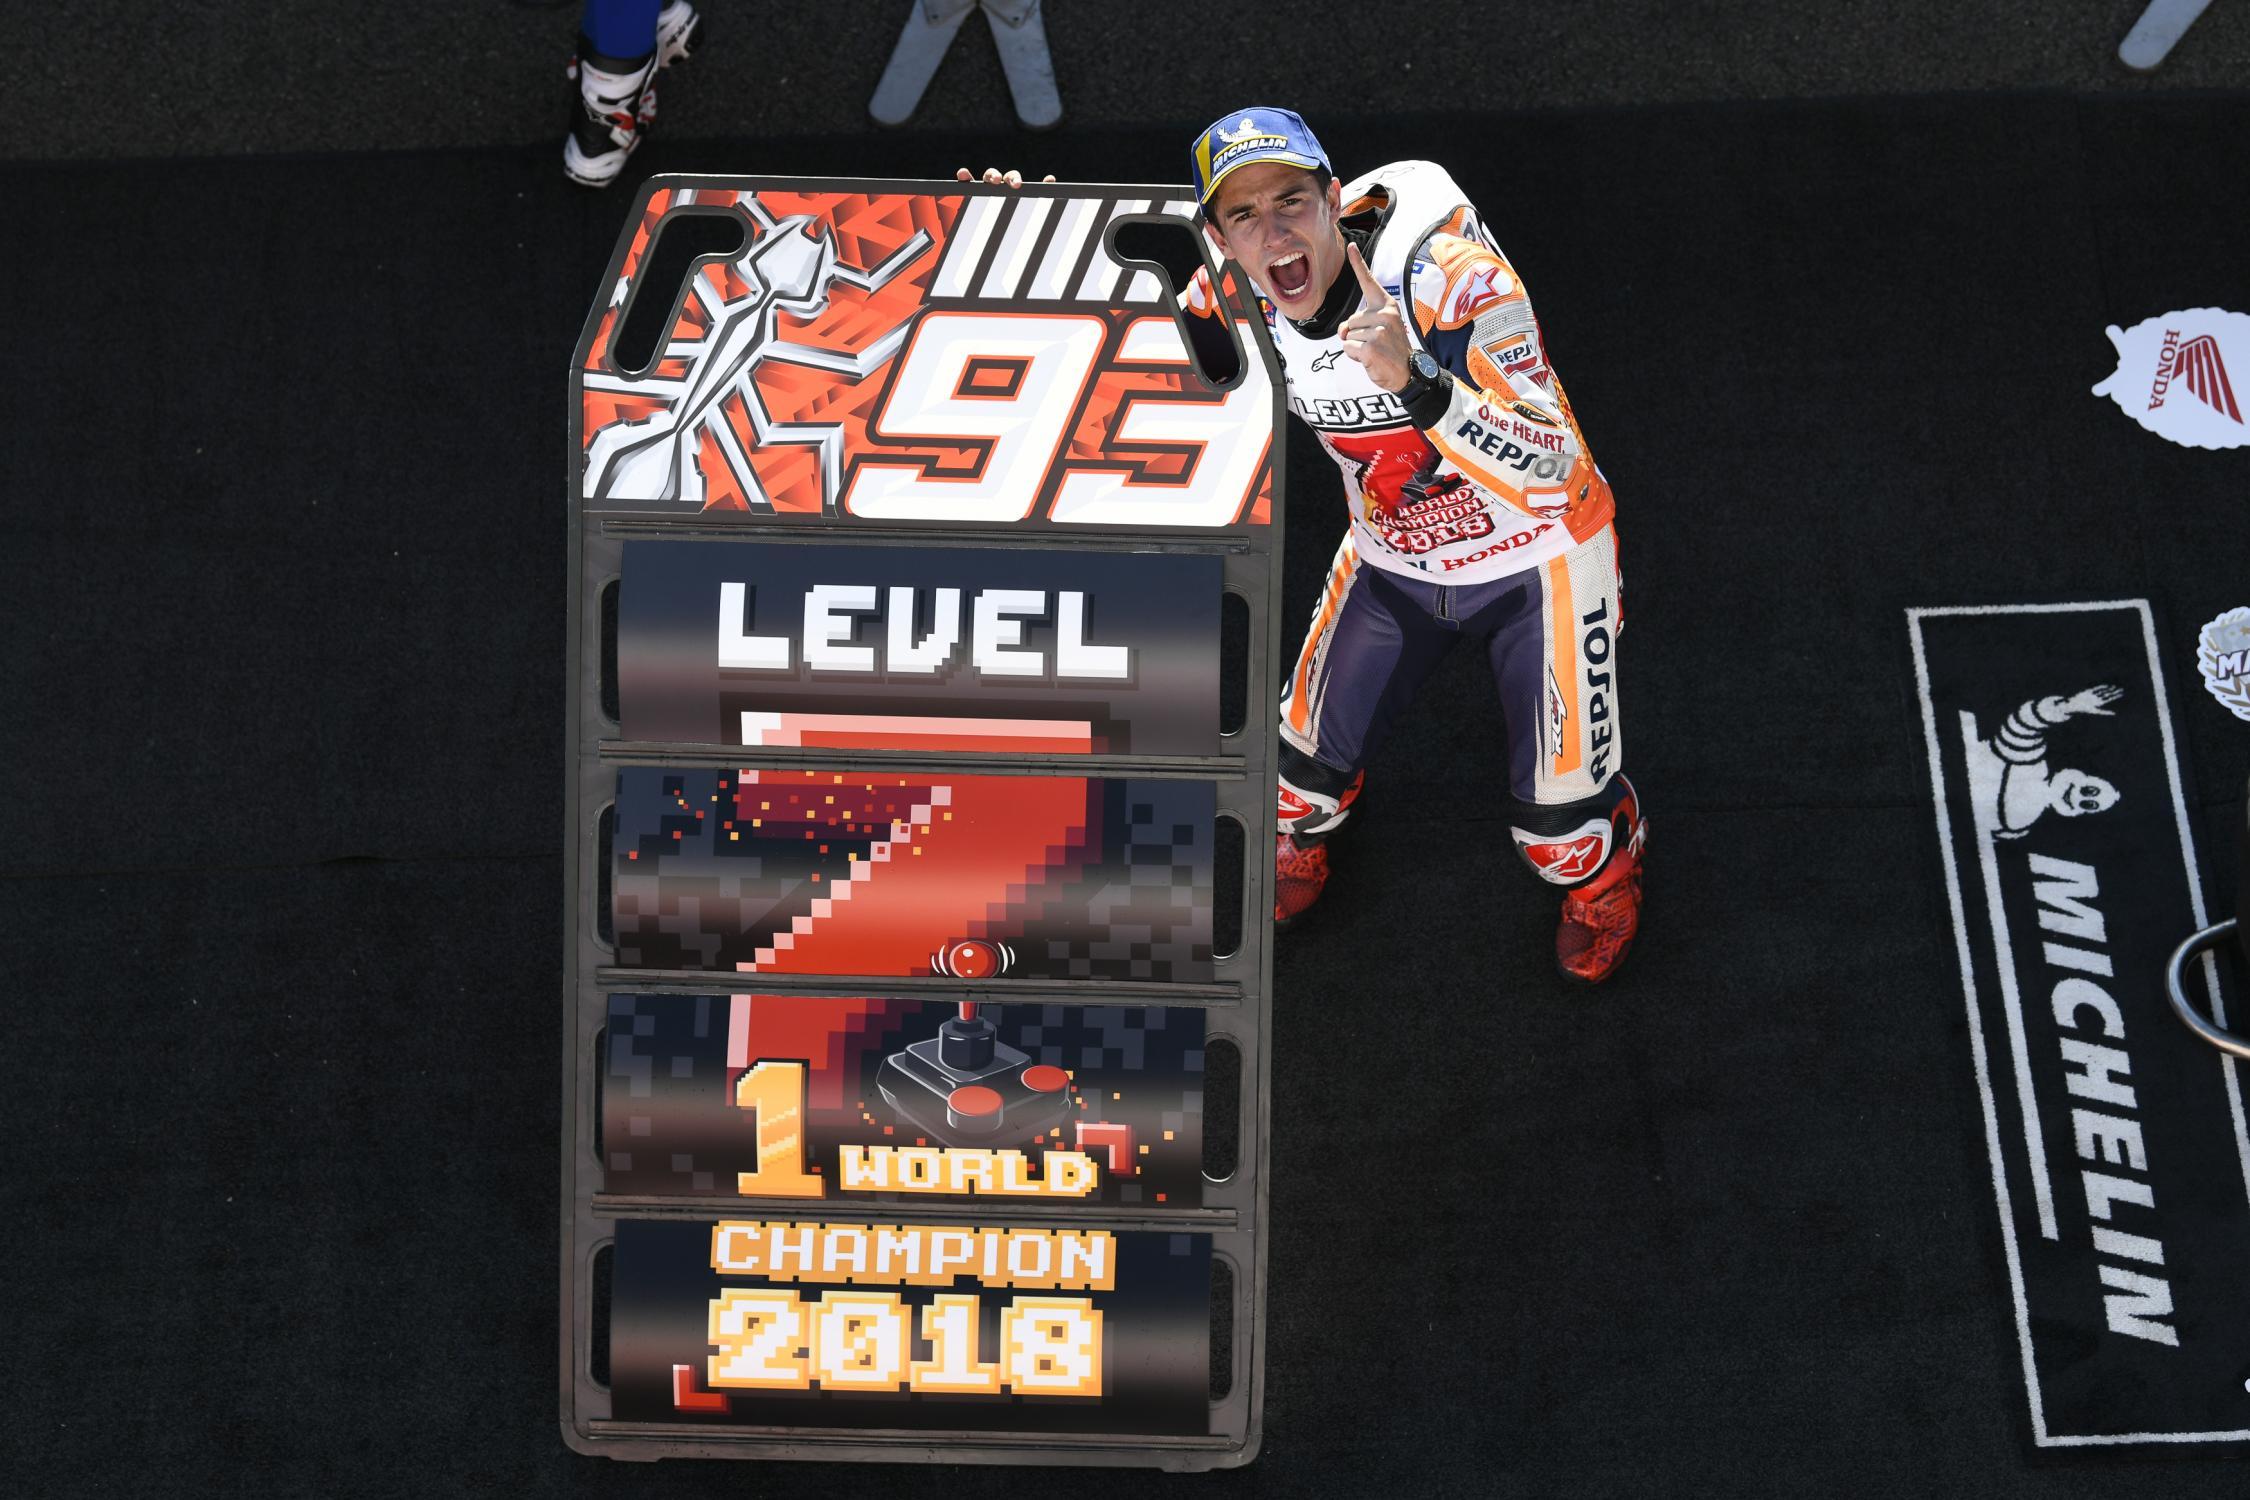 2018 MotoGP Marc Marquez